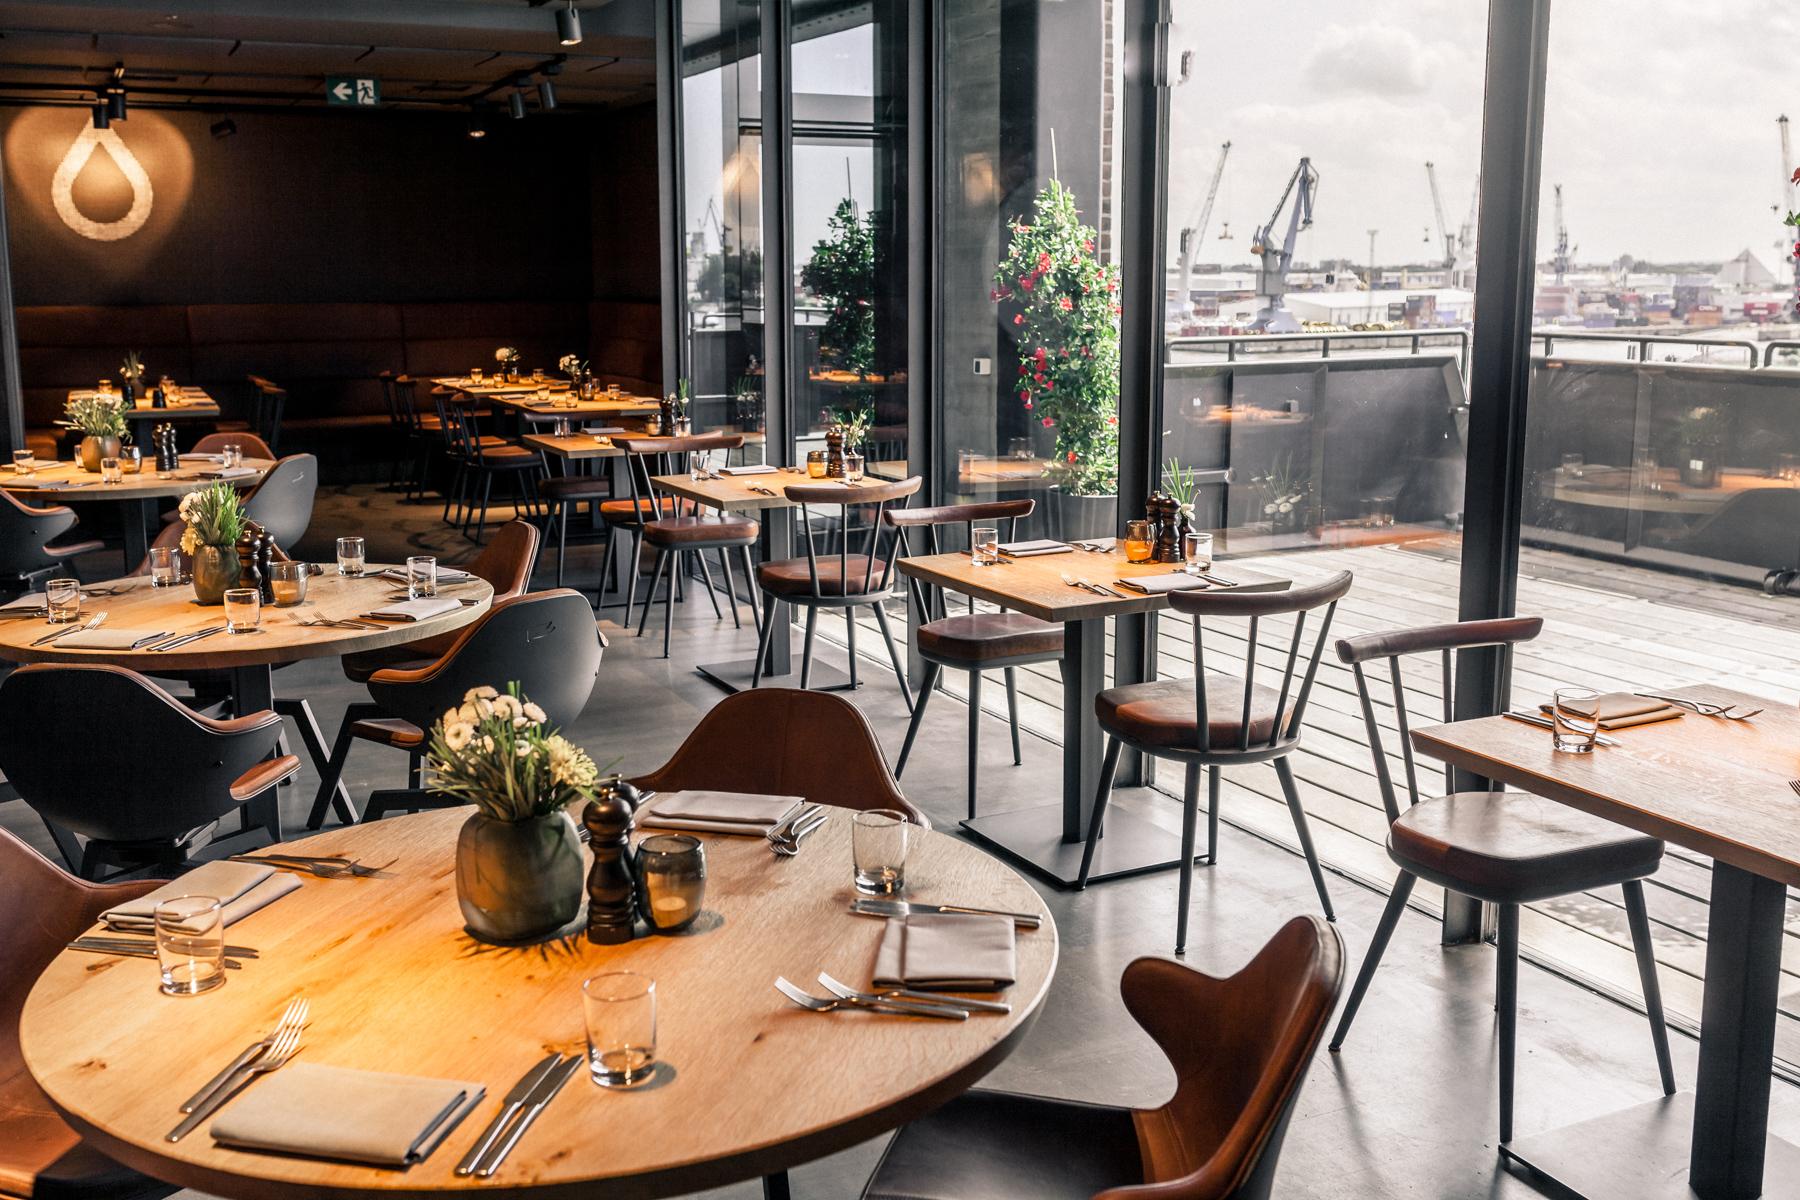 Galerie_Restaurant_Runde_Tische